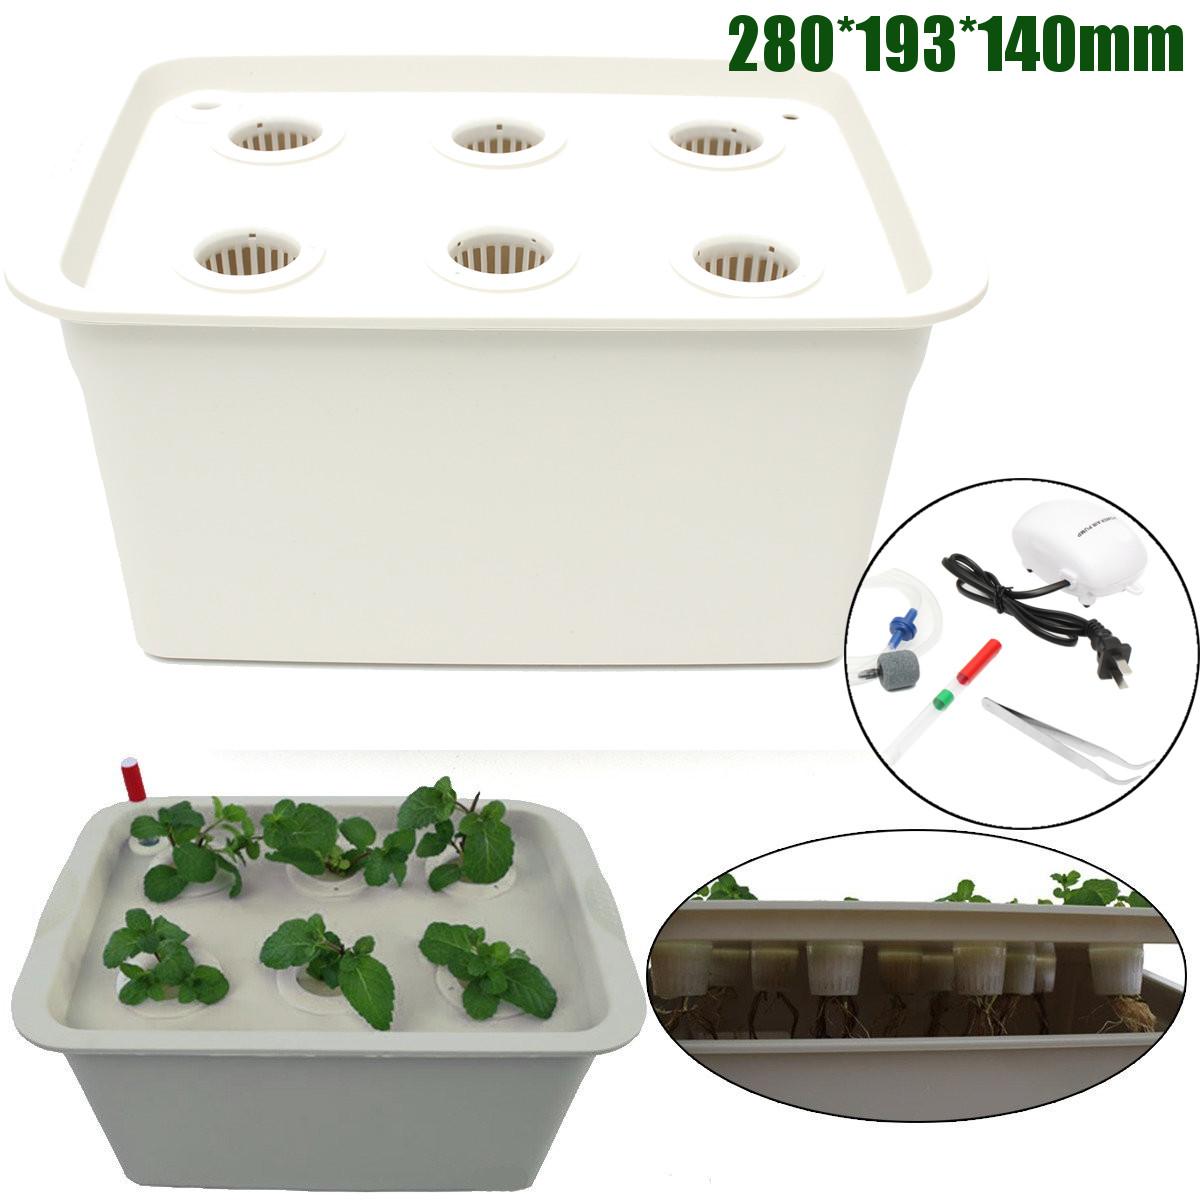 furos v sistema hidropnico jardim pote de berrio com tampa diy crescer copos cesta